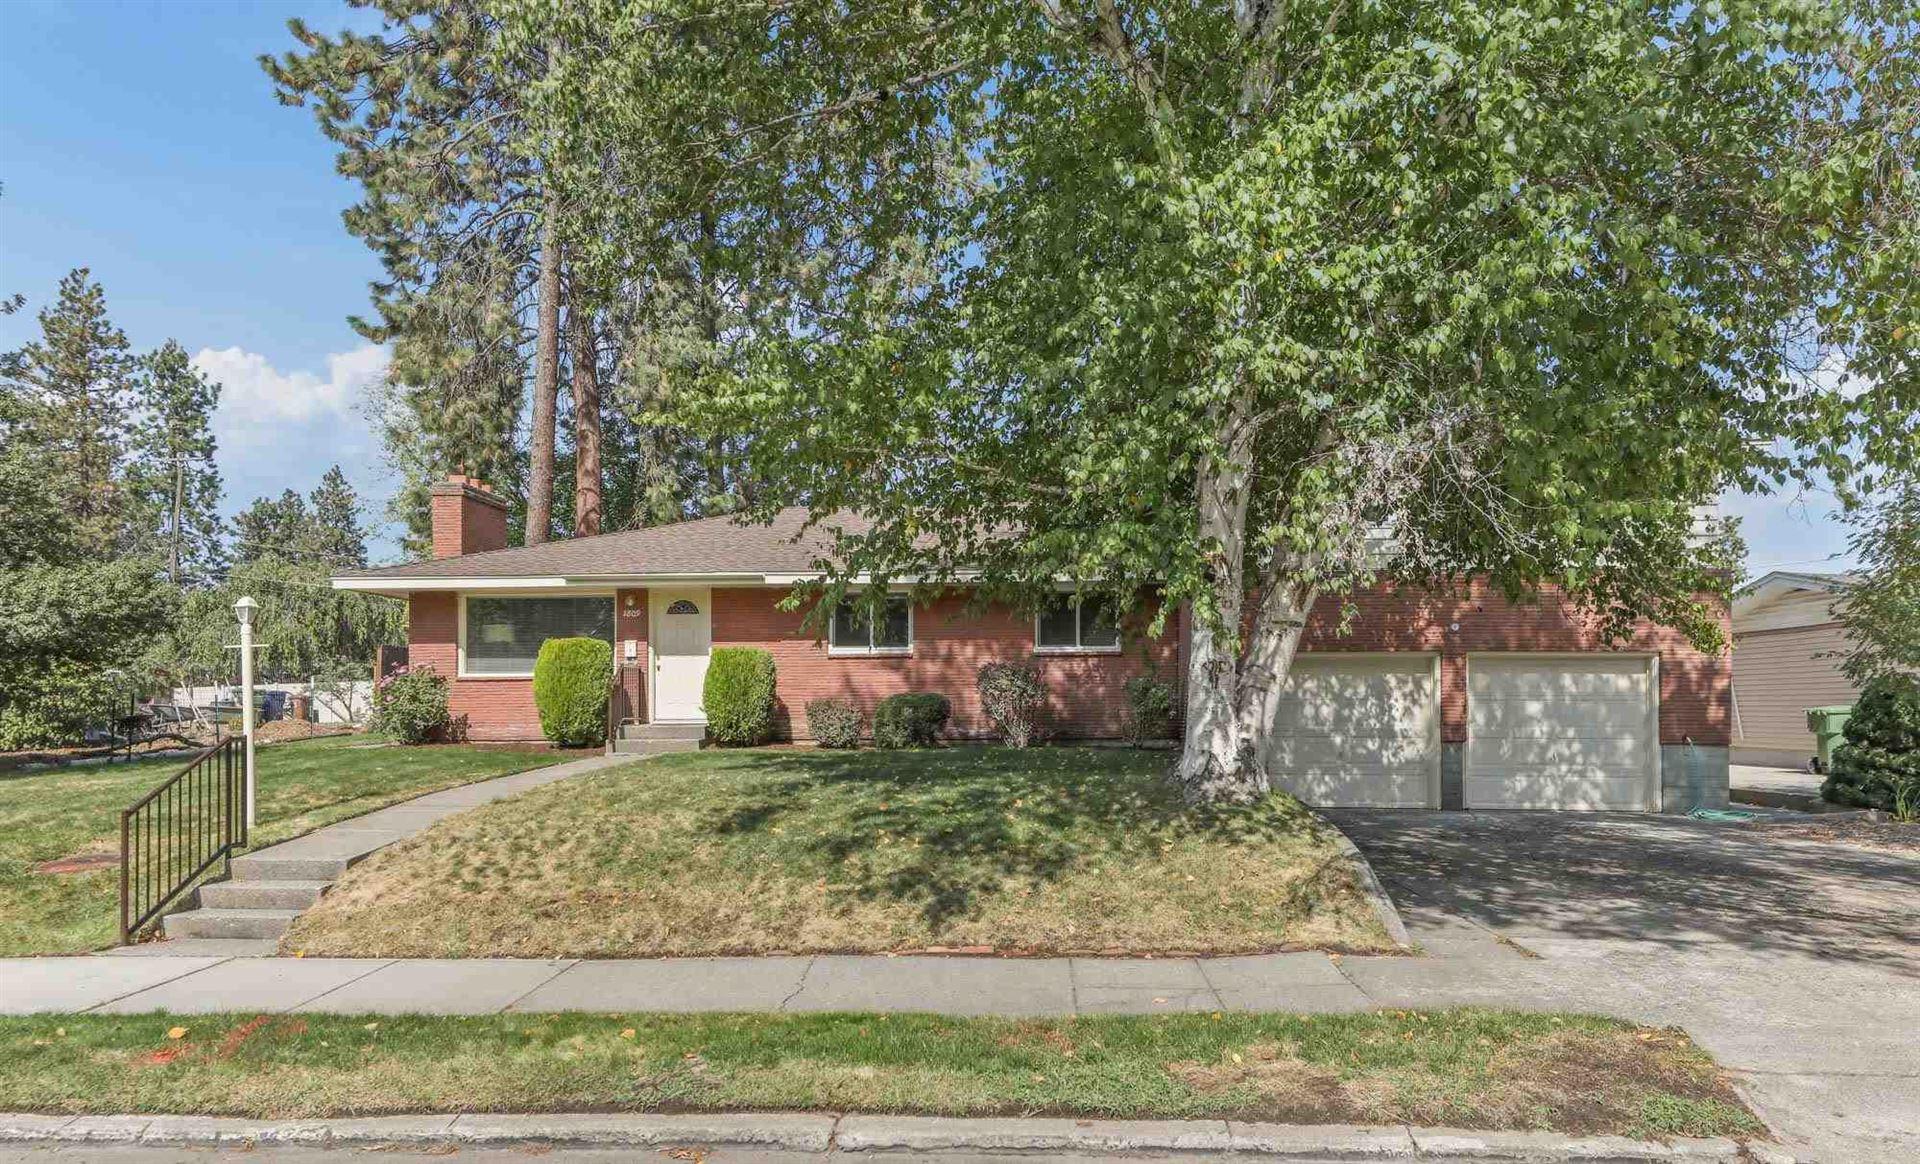 1809 E 37th Ave, Spokane, WA 99203 - #: 202123720